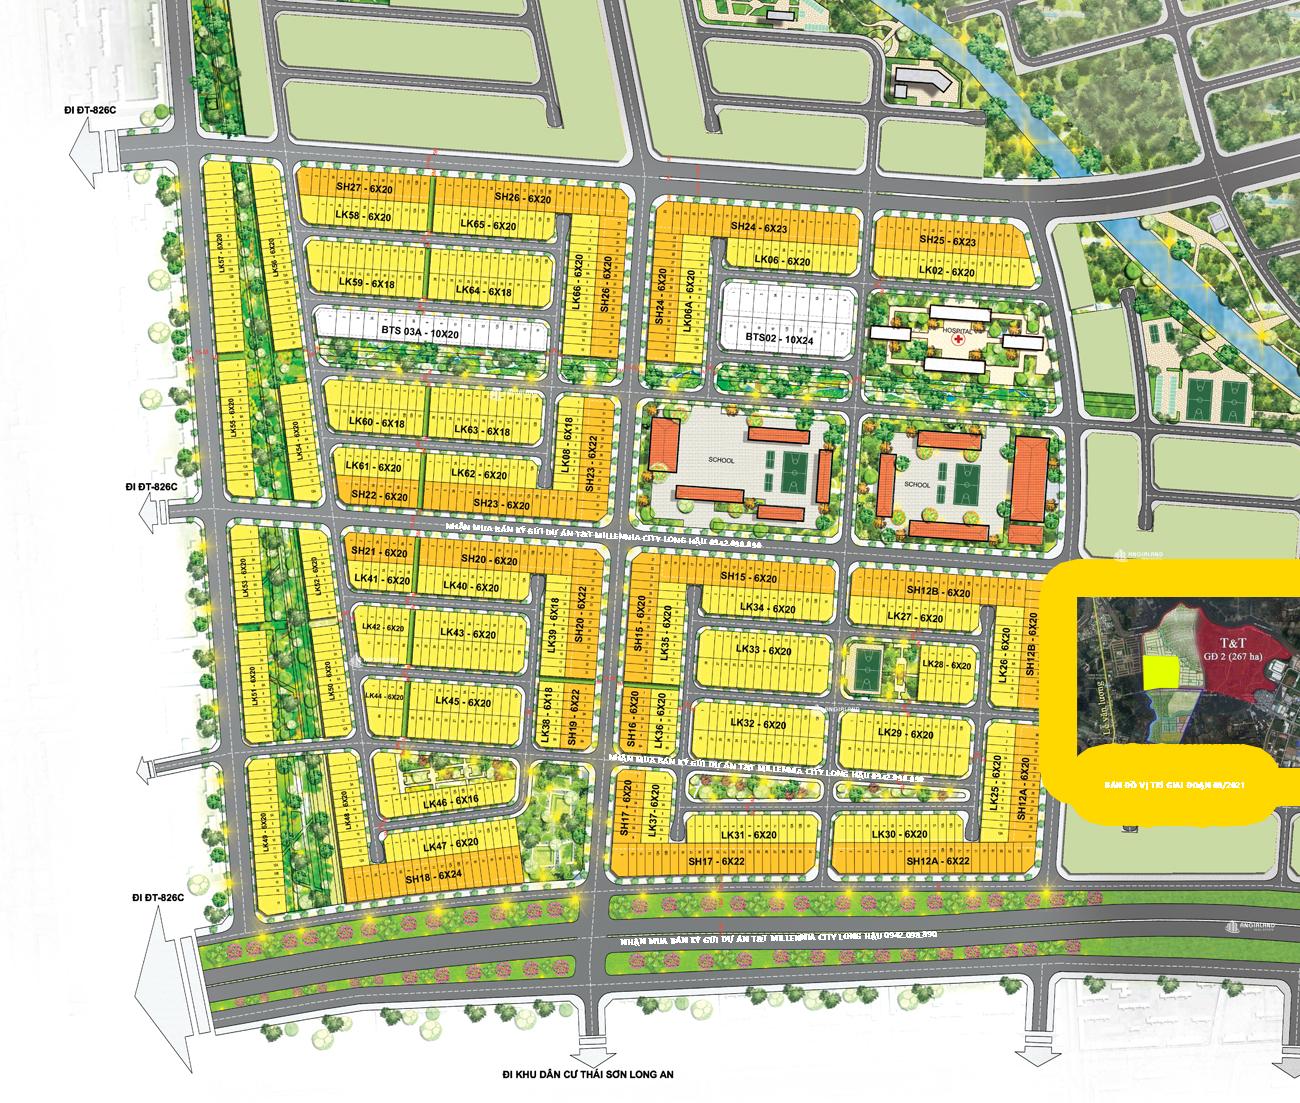 Bản đô mặt bằng T&T Millennia City Long Hậu